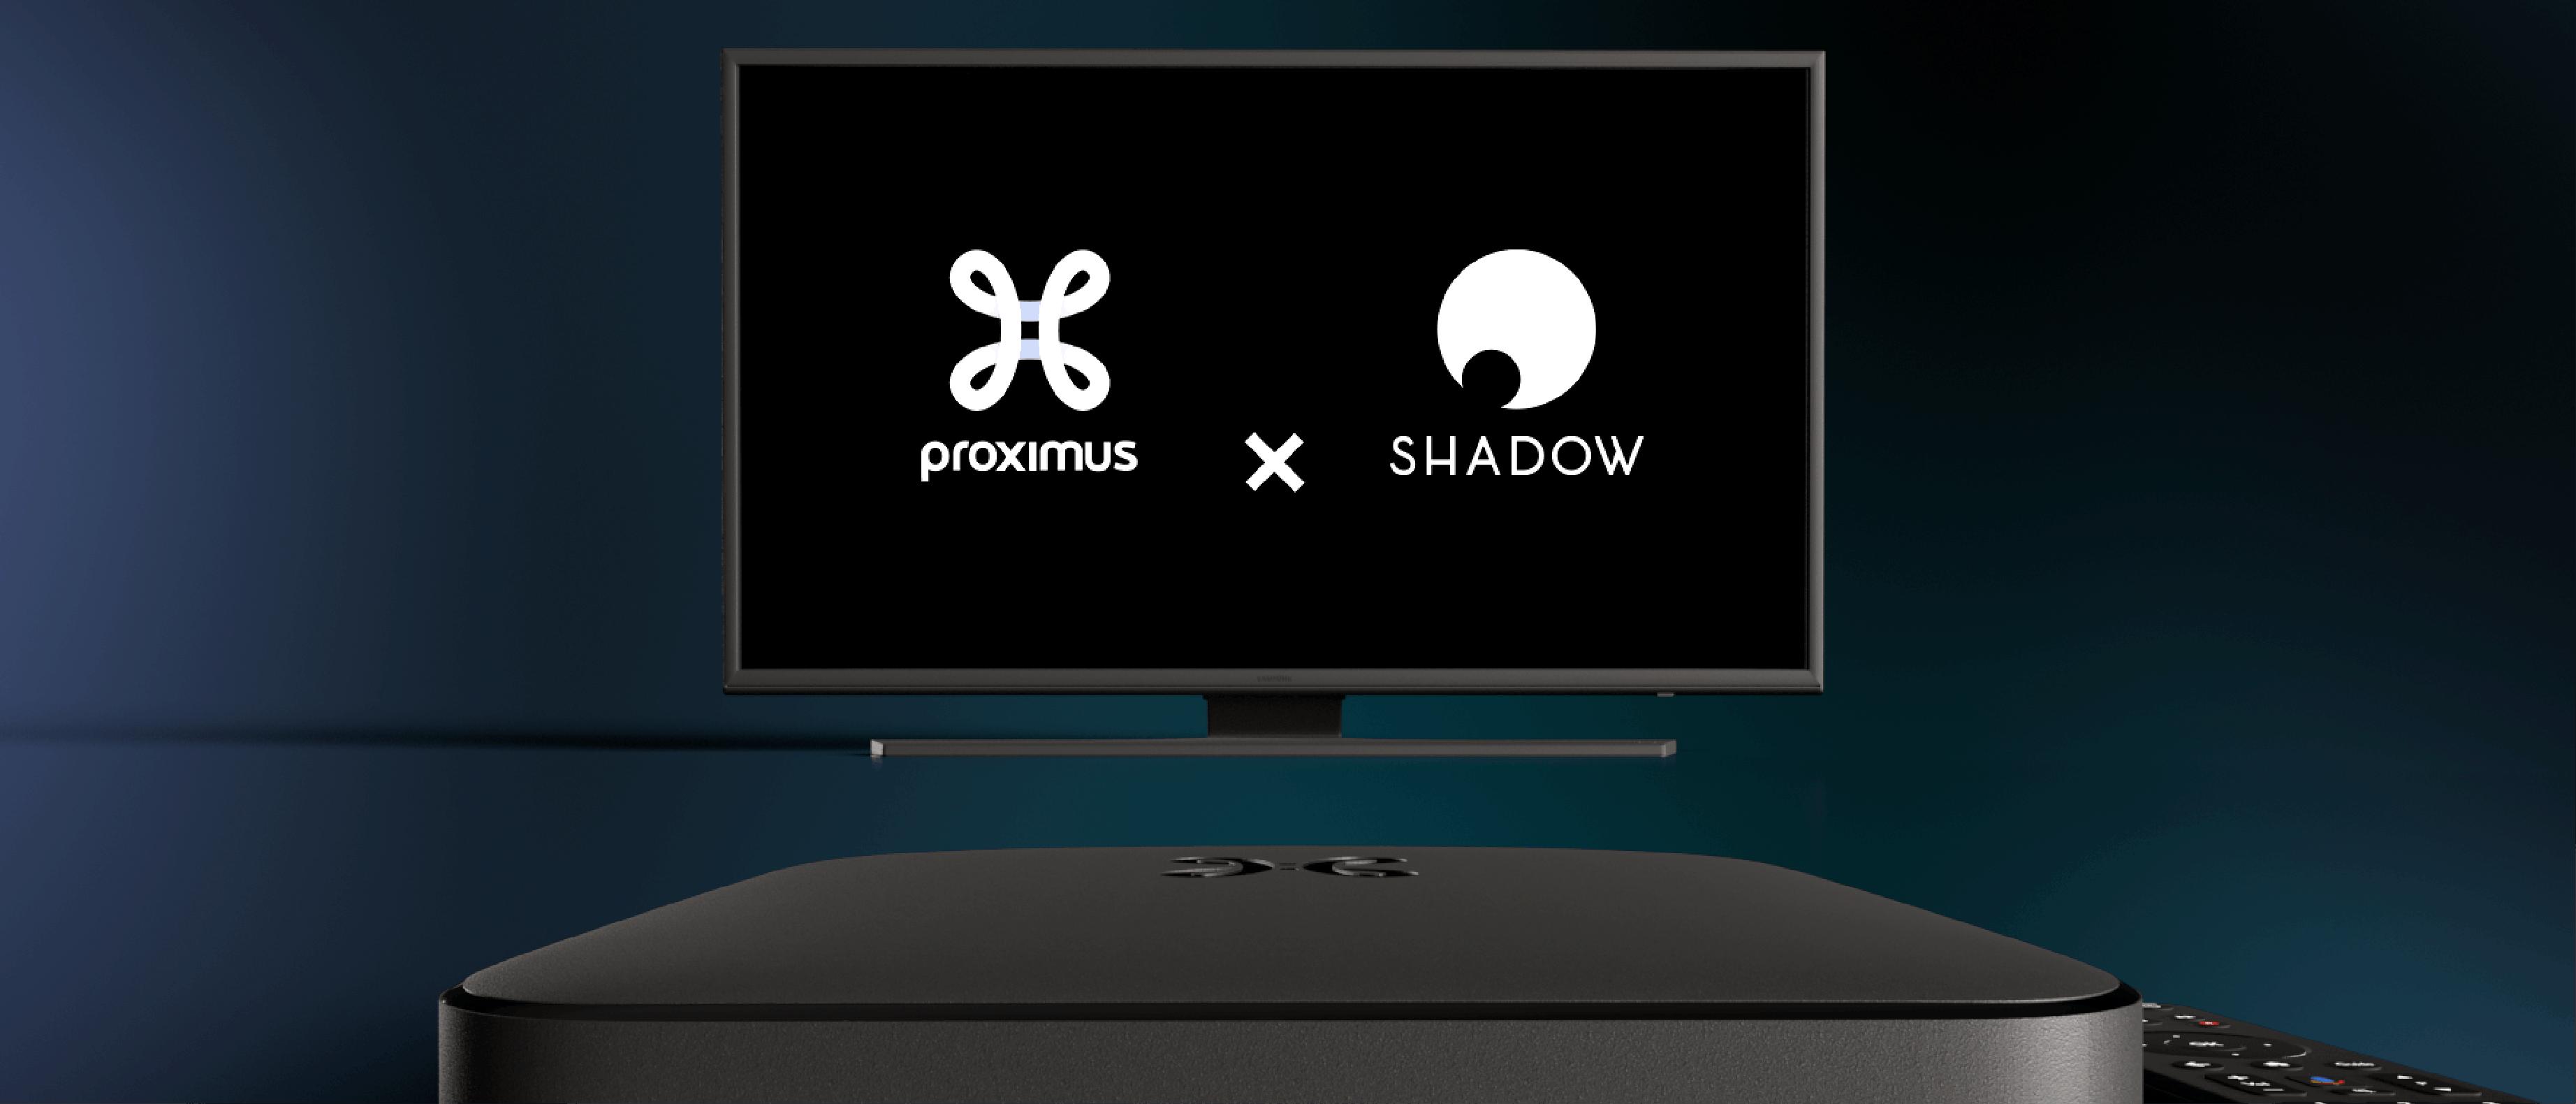 Shadow X Proximus : notre nouveau partenariat